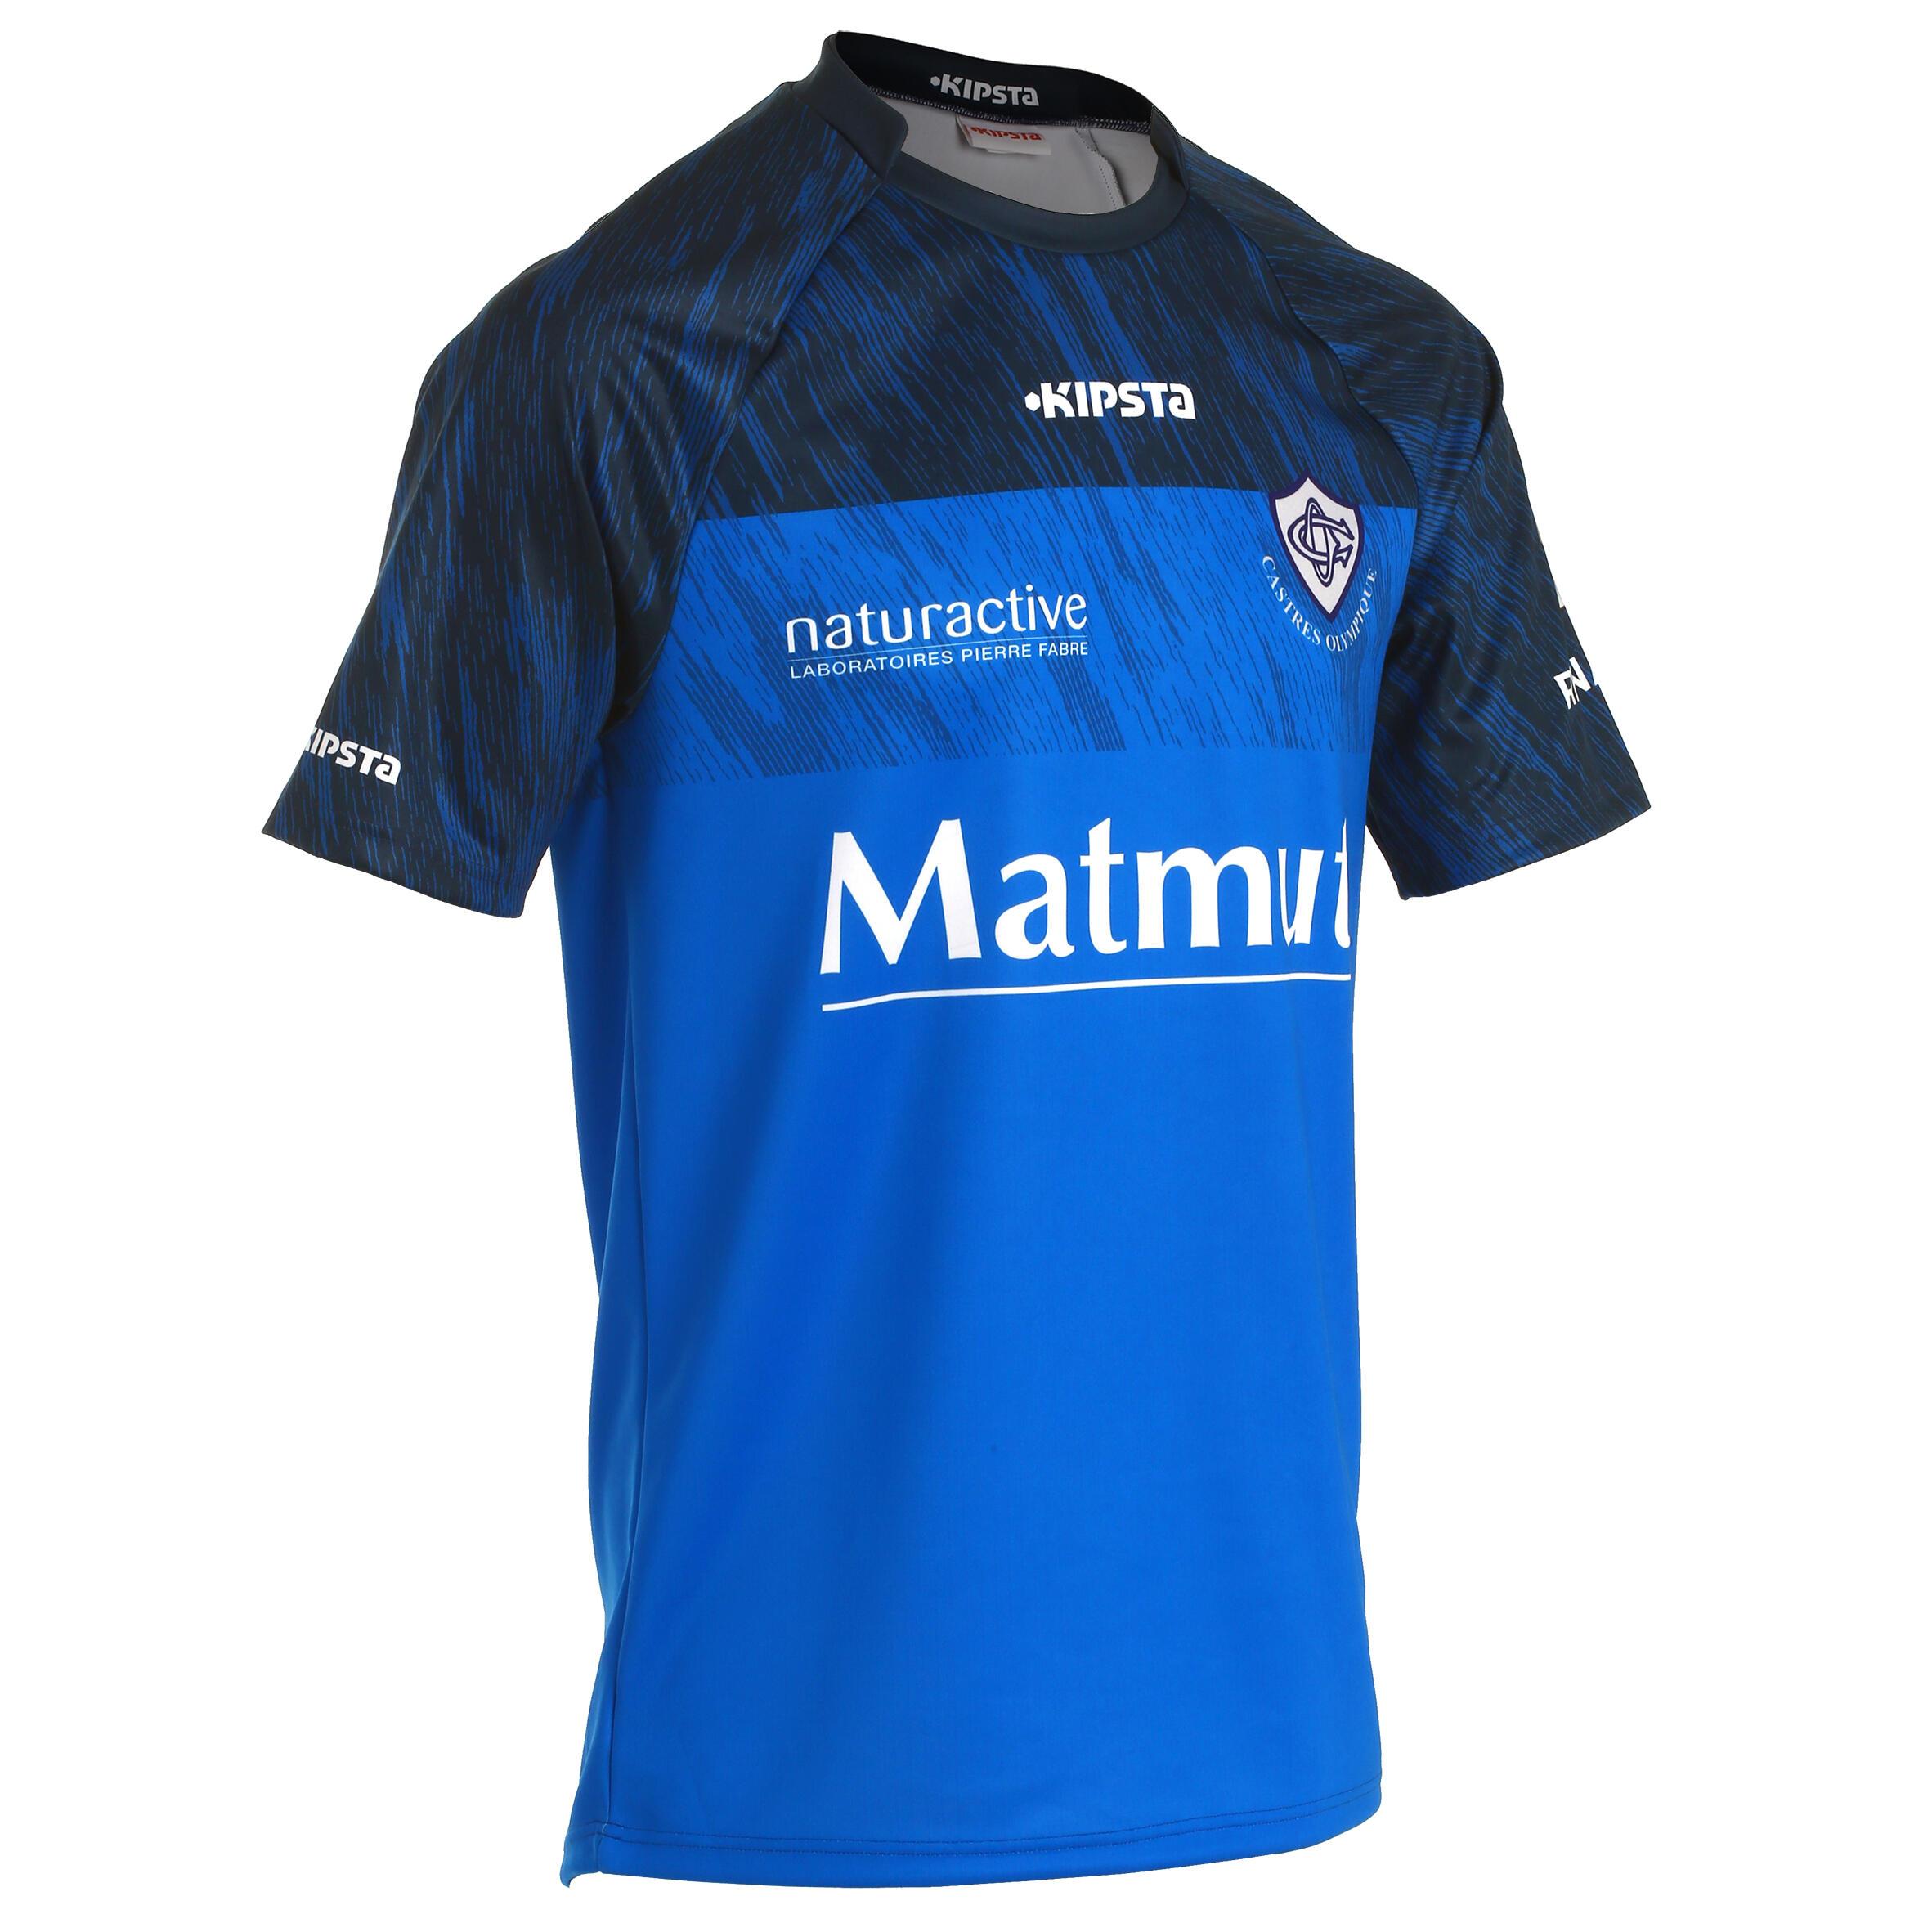 c6ccf9e35 Comprar Camisetas y Polos oficiales Equipos Rugby